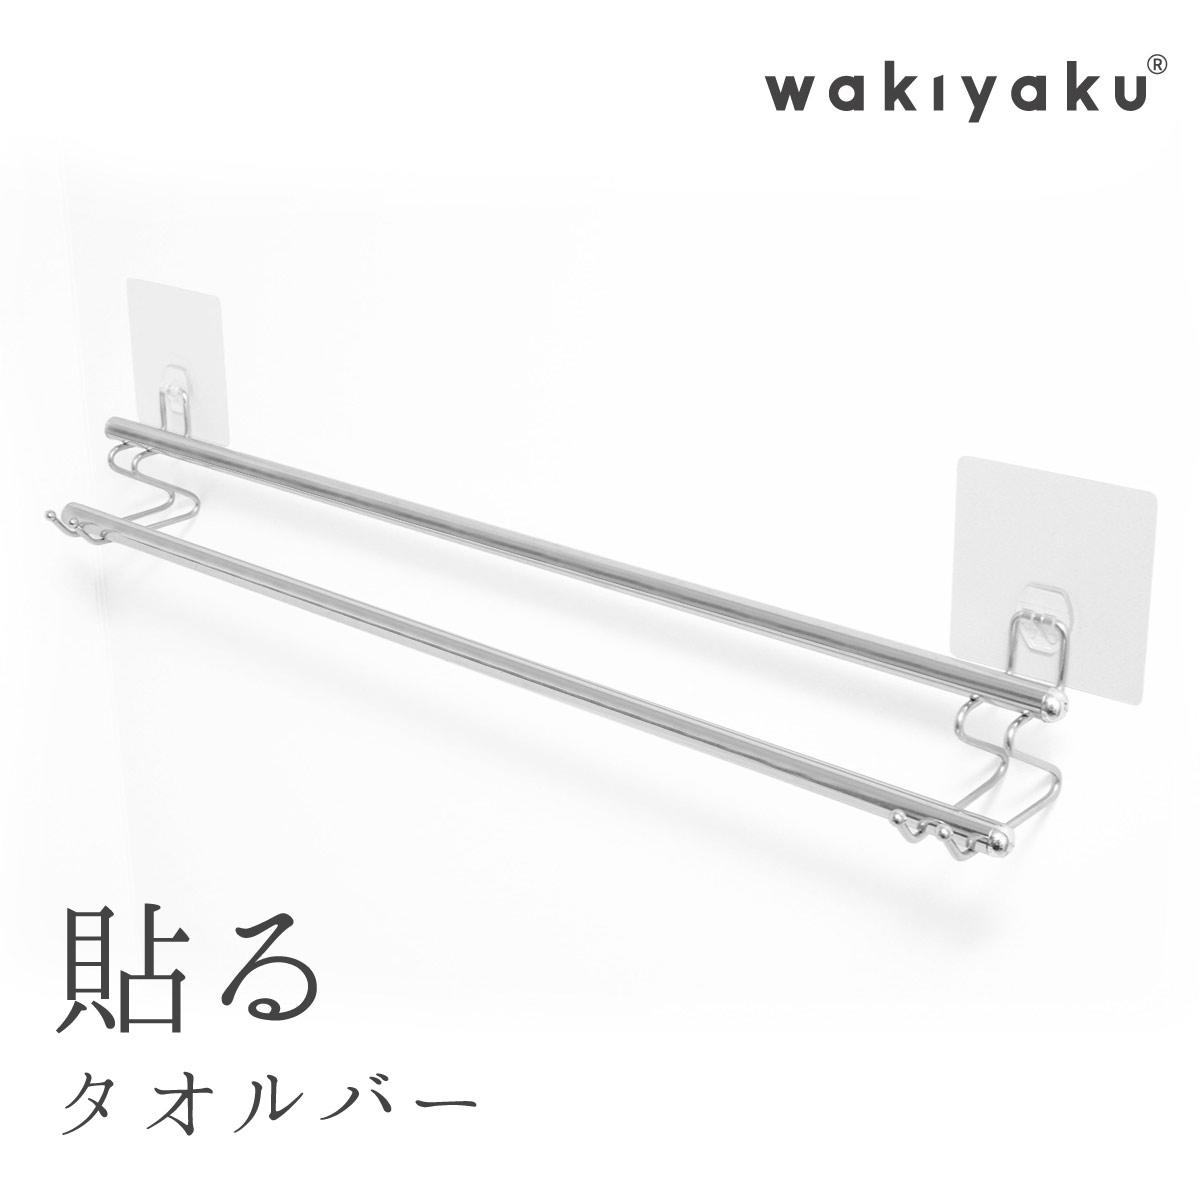 wakiyaku (R)